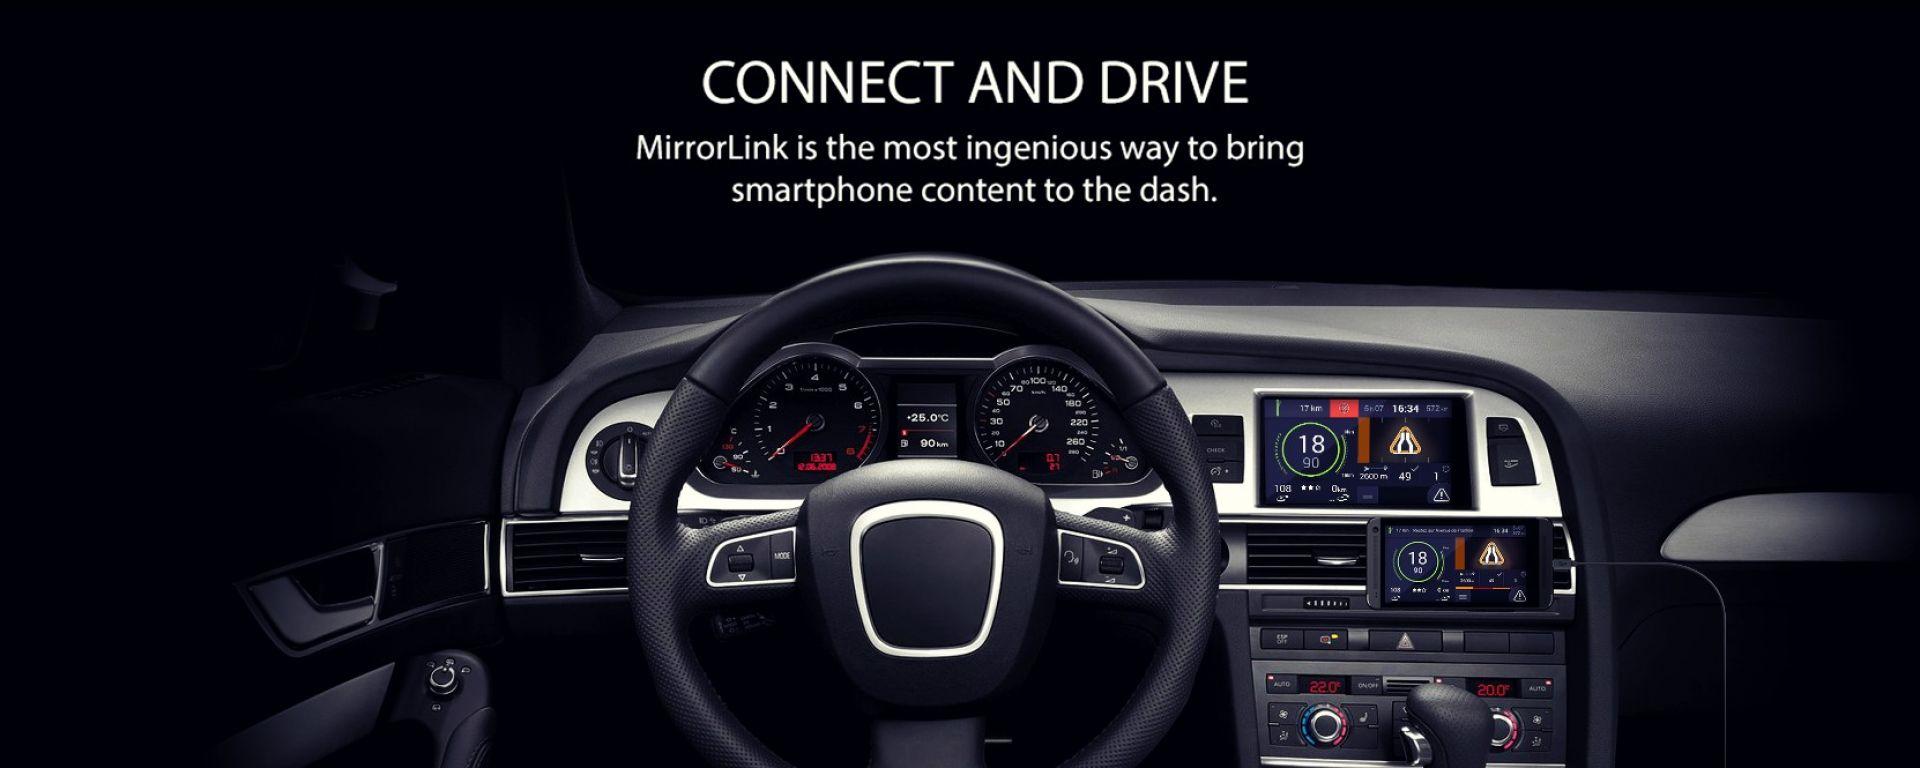 Come funziona MirrorLink